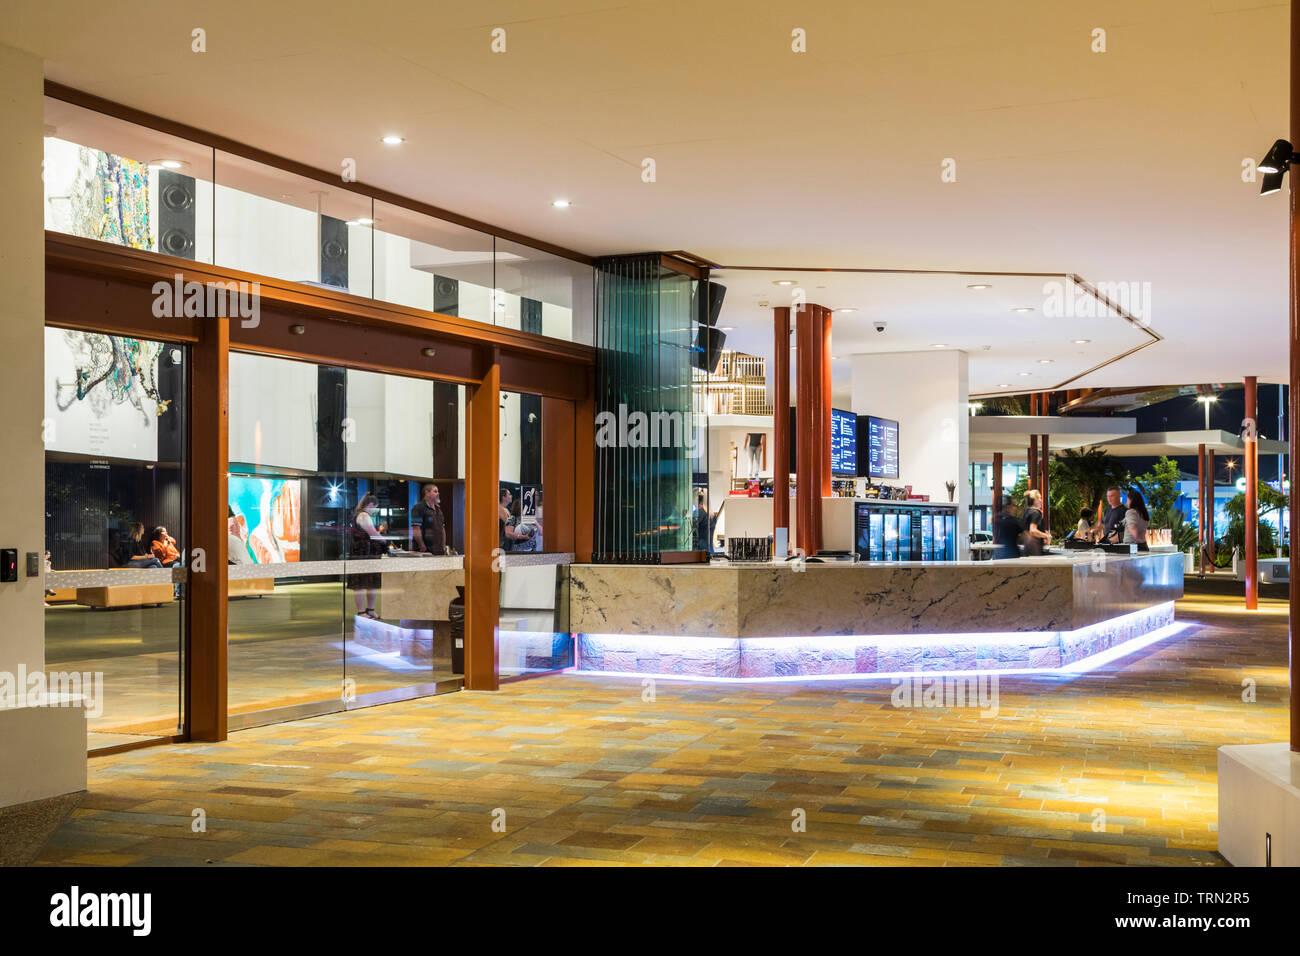 Le bar extérieur salon de la Performing Arts Centre de Cairns, Cairns, Queensland, Australie Banque D'Images